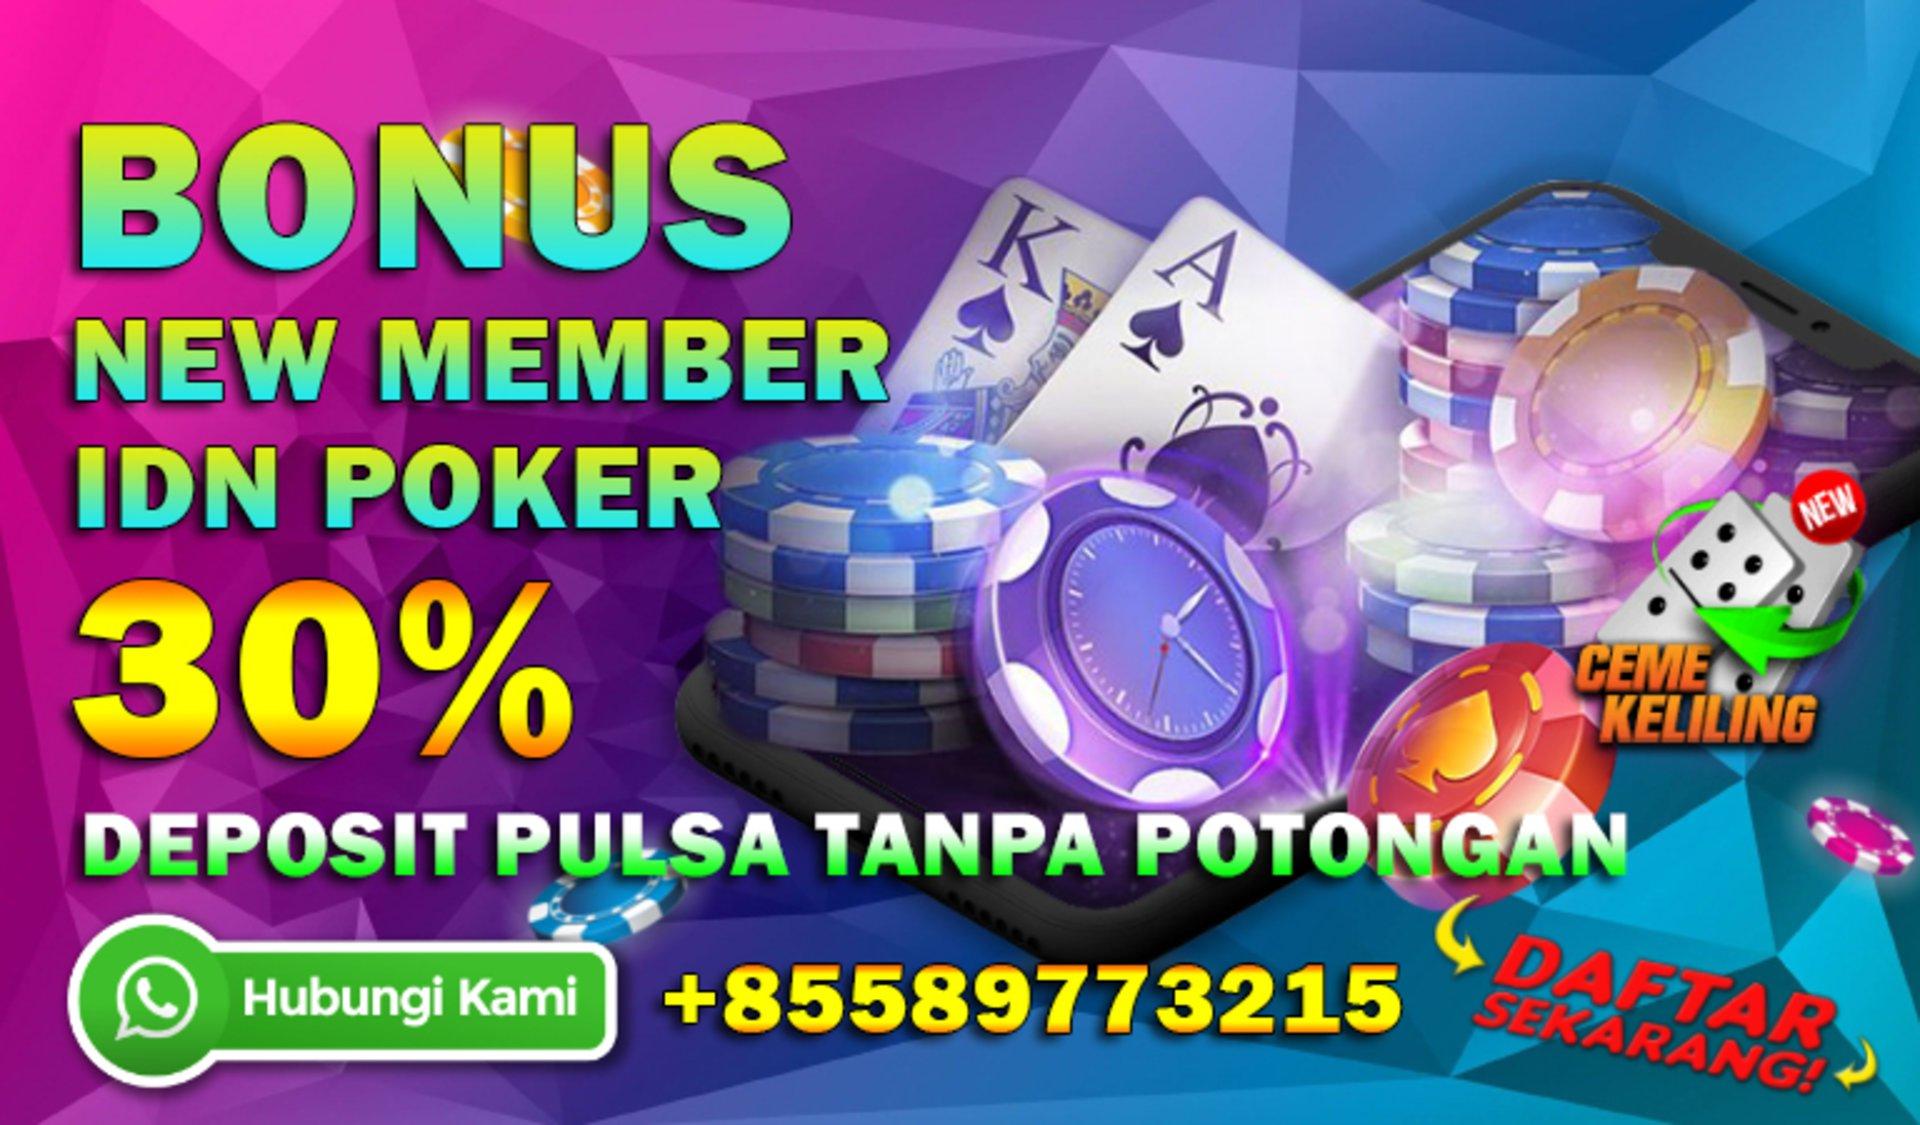 Bonus New Member Poker 30 Plus Deposit Pulsa Tanpa Potongan Terbaik Analisa88 Analisa88viapulsa